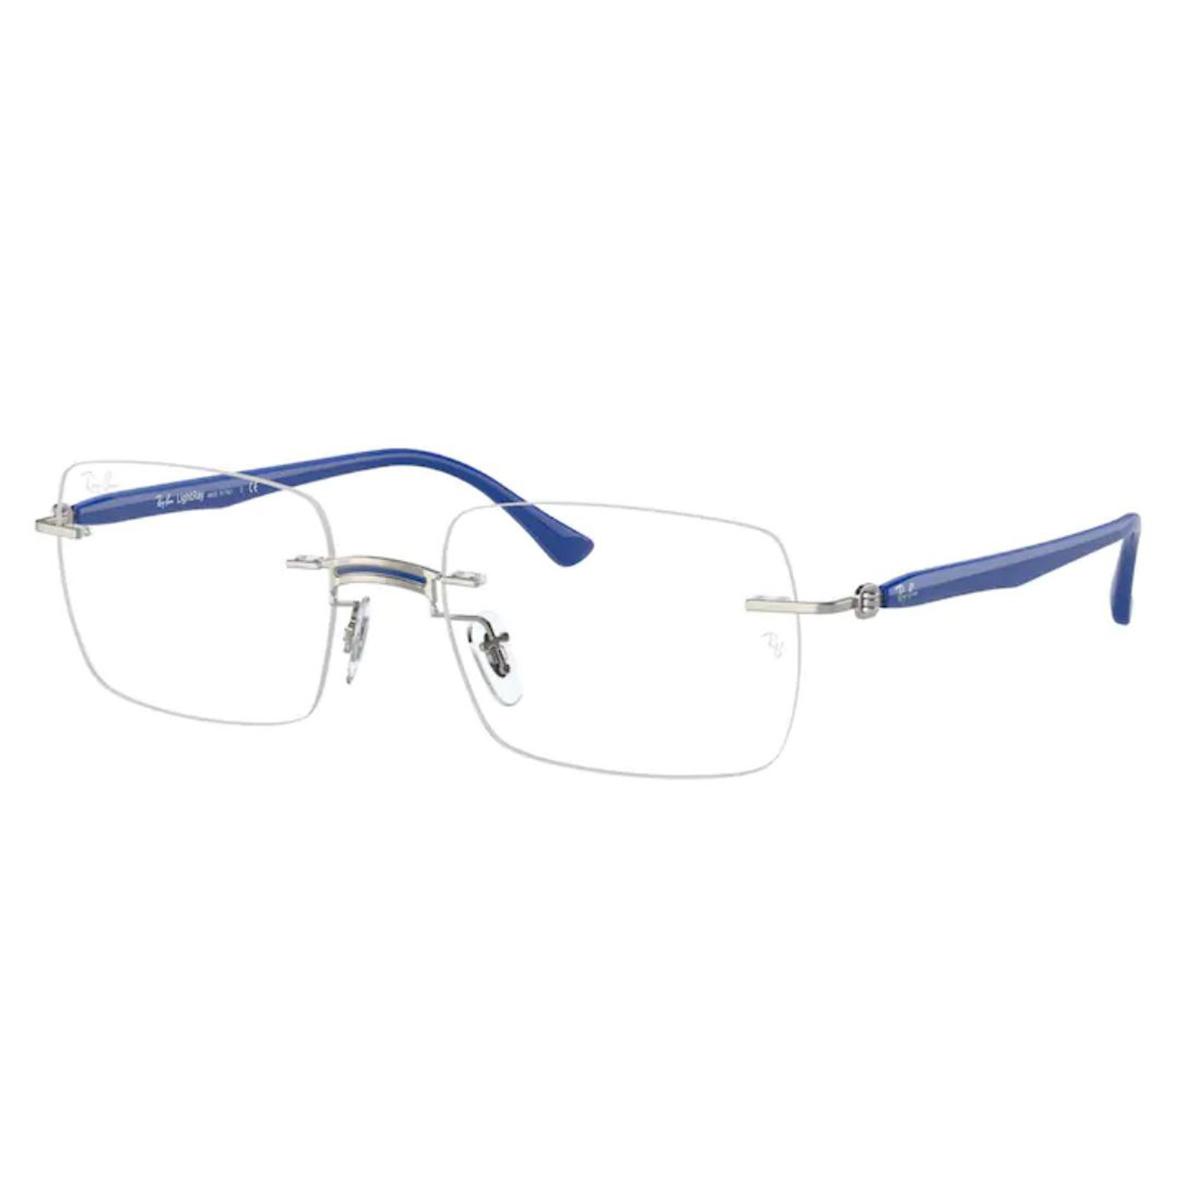 Armação de Óculos Parafusada RayBan RX8767 Titanium Prata e Azul